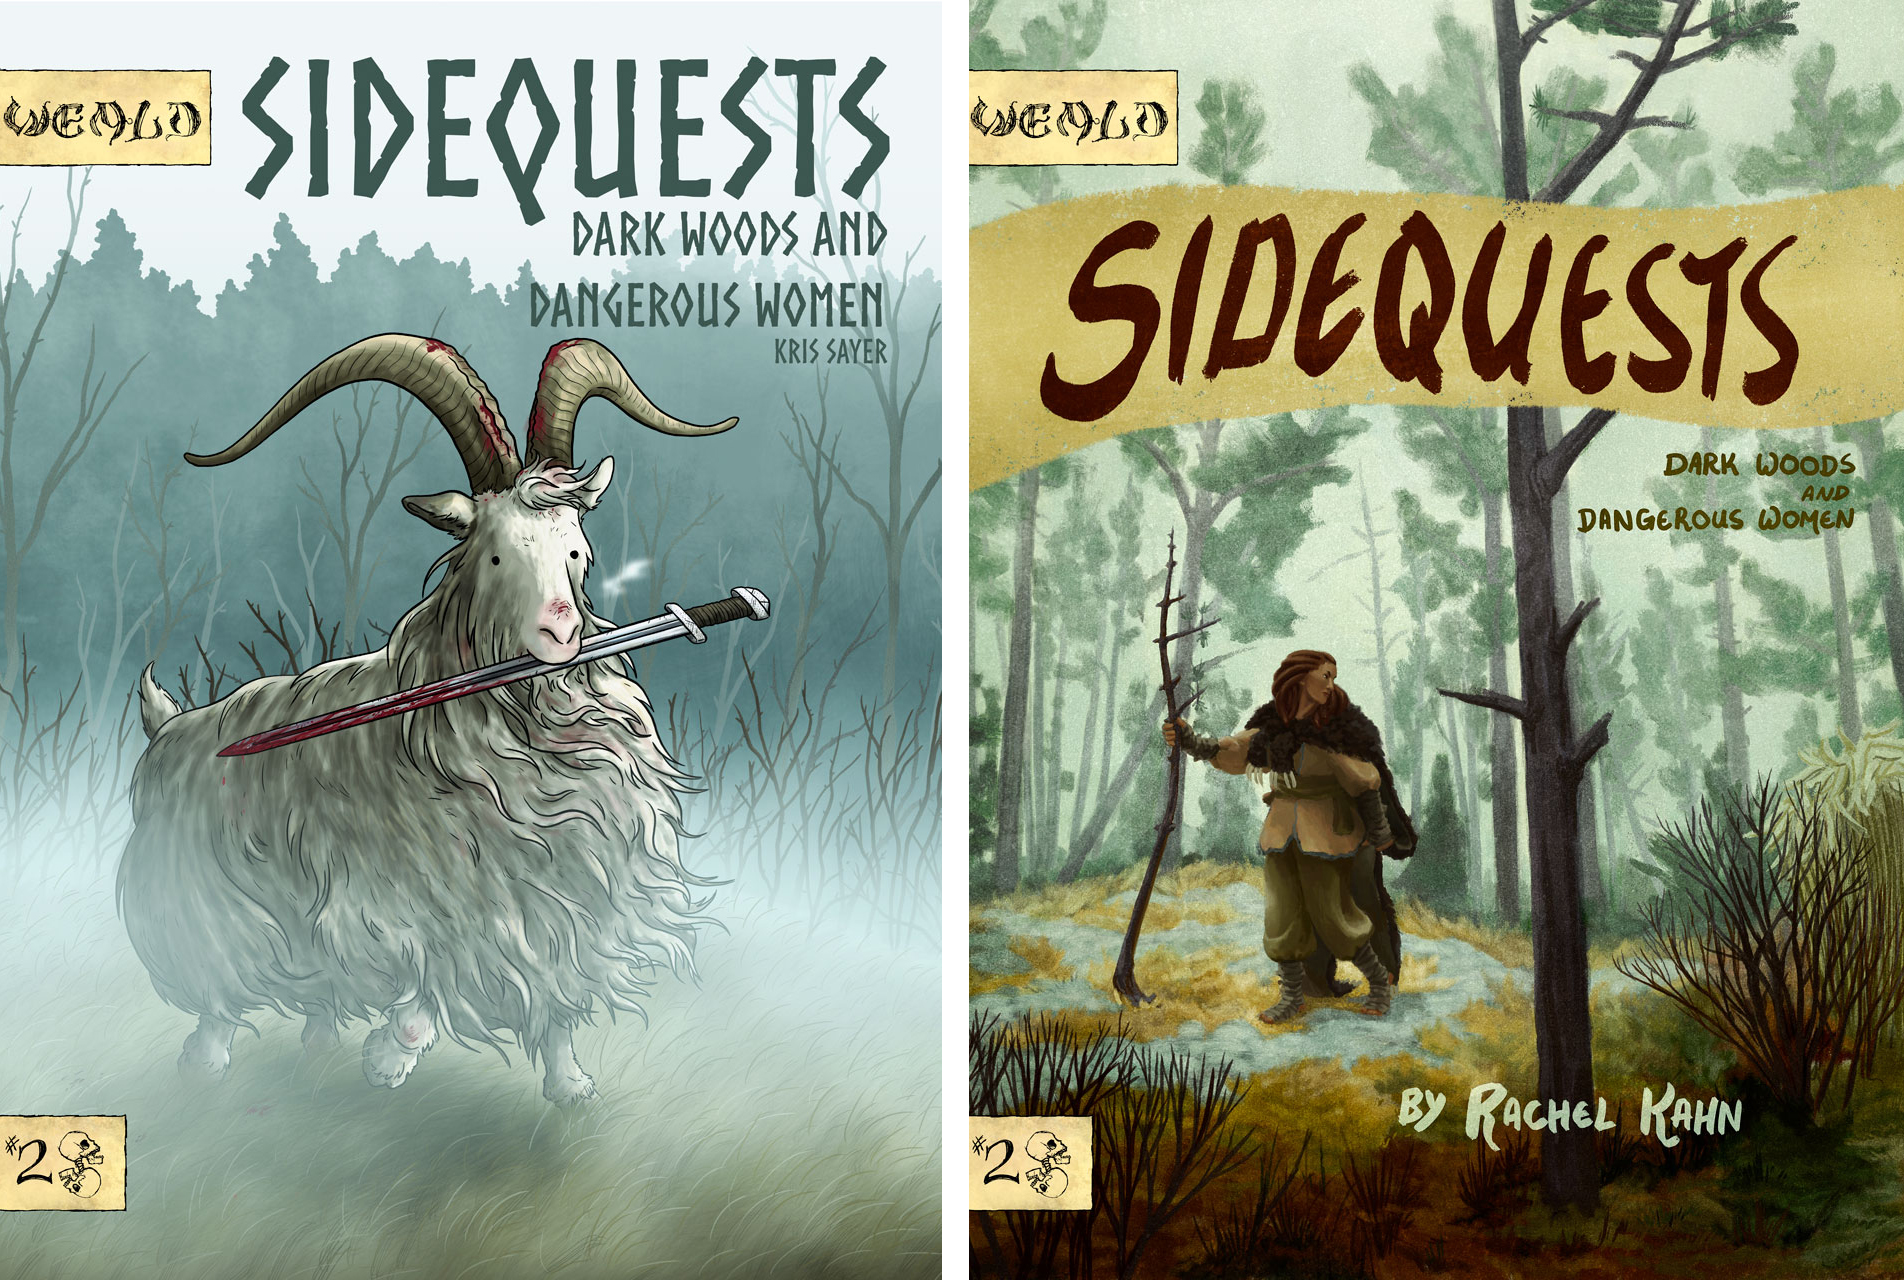 Sidequests